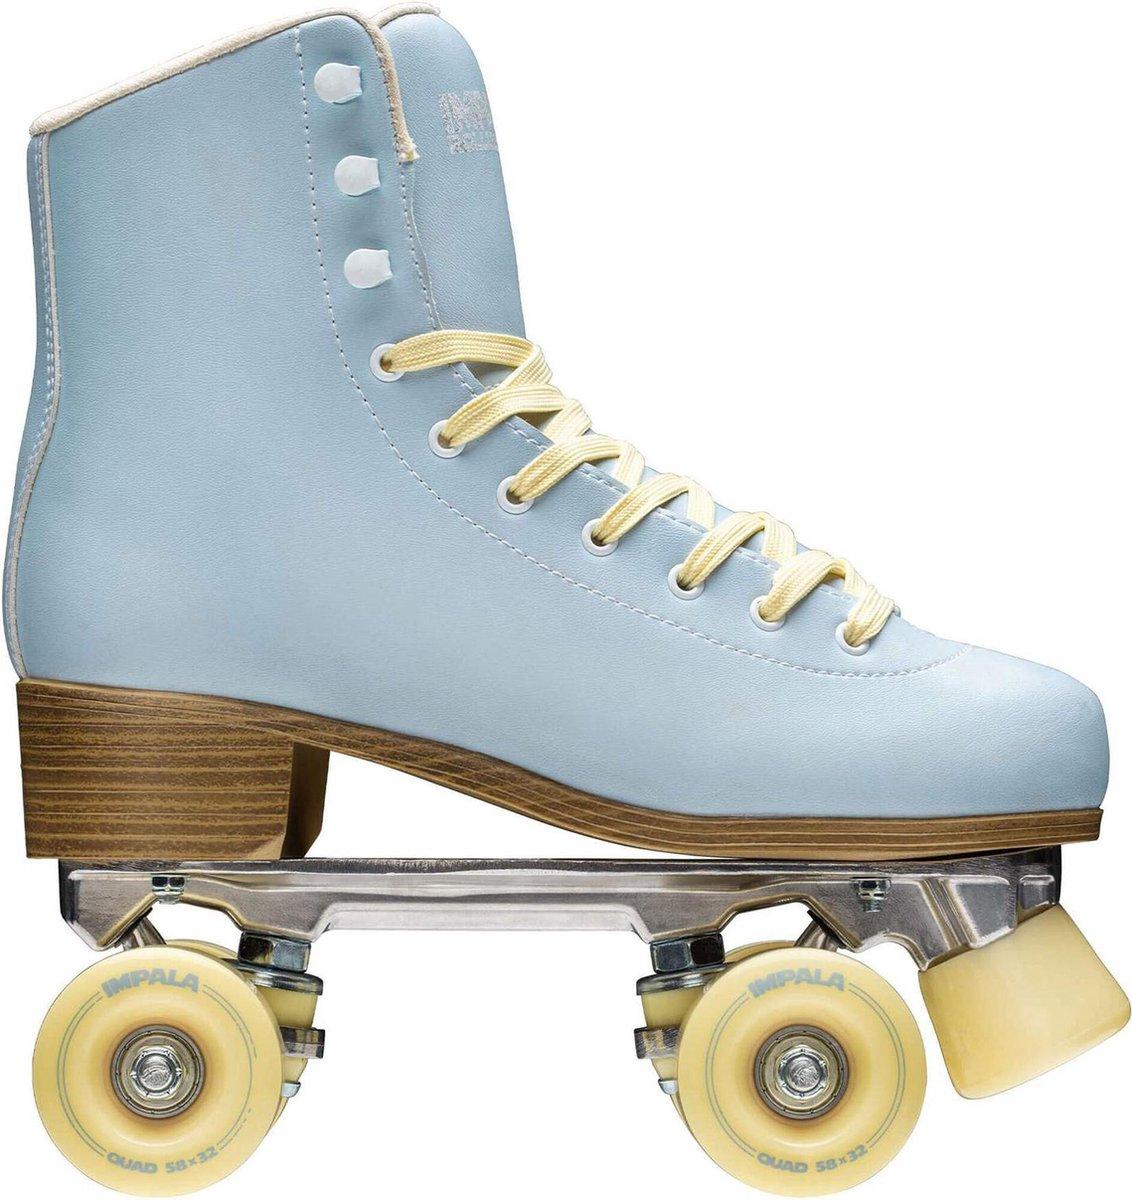 Impala Rolschaatsen - Maat 37Volwassenen - Licht blauw/geel